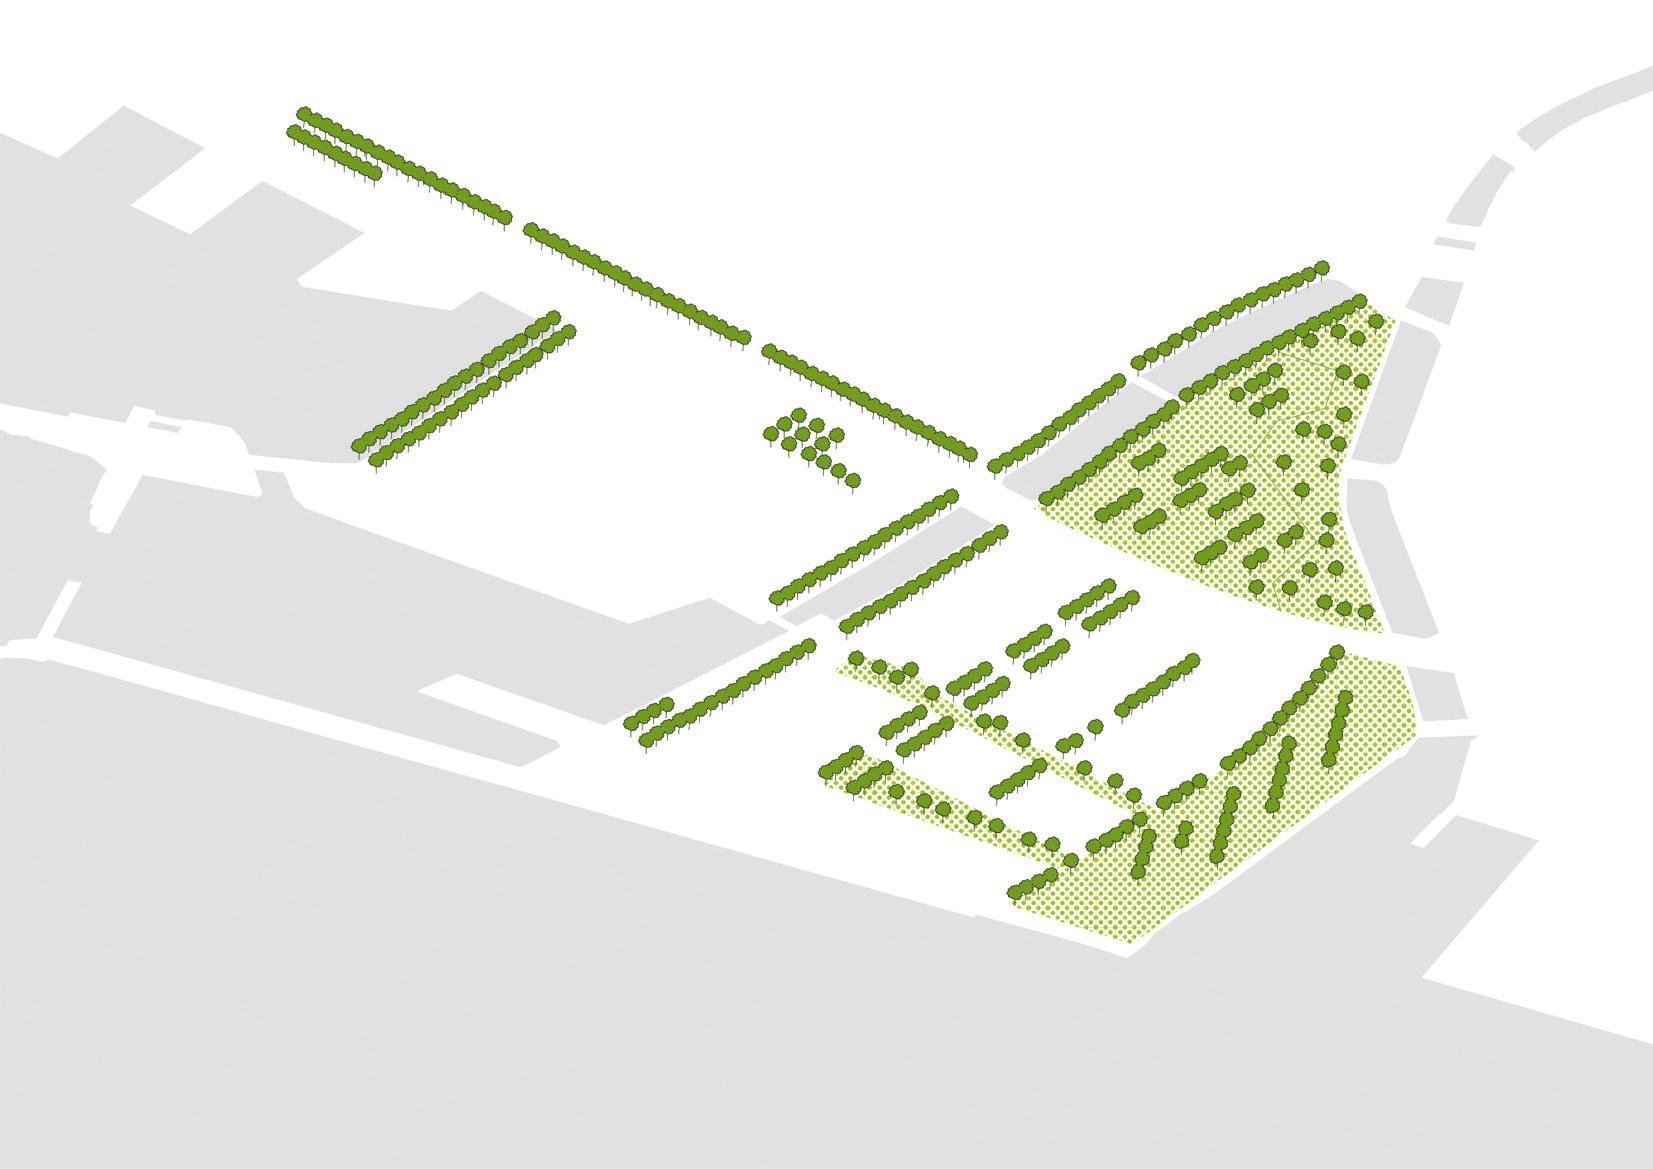 99RJK-Maquette-schémas-trame-05.jpg